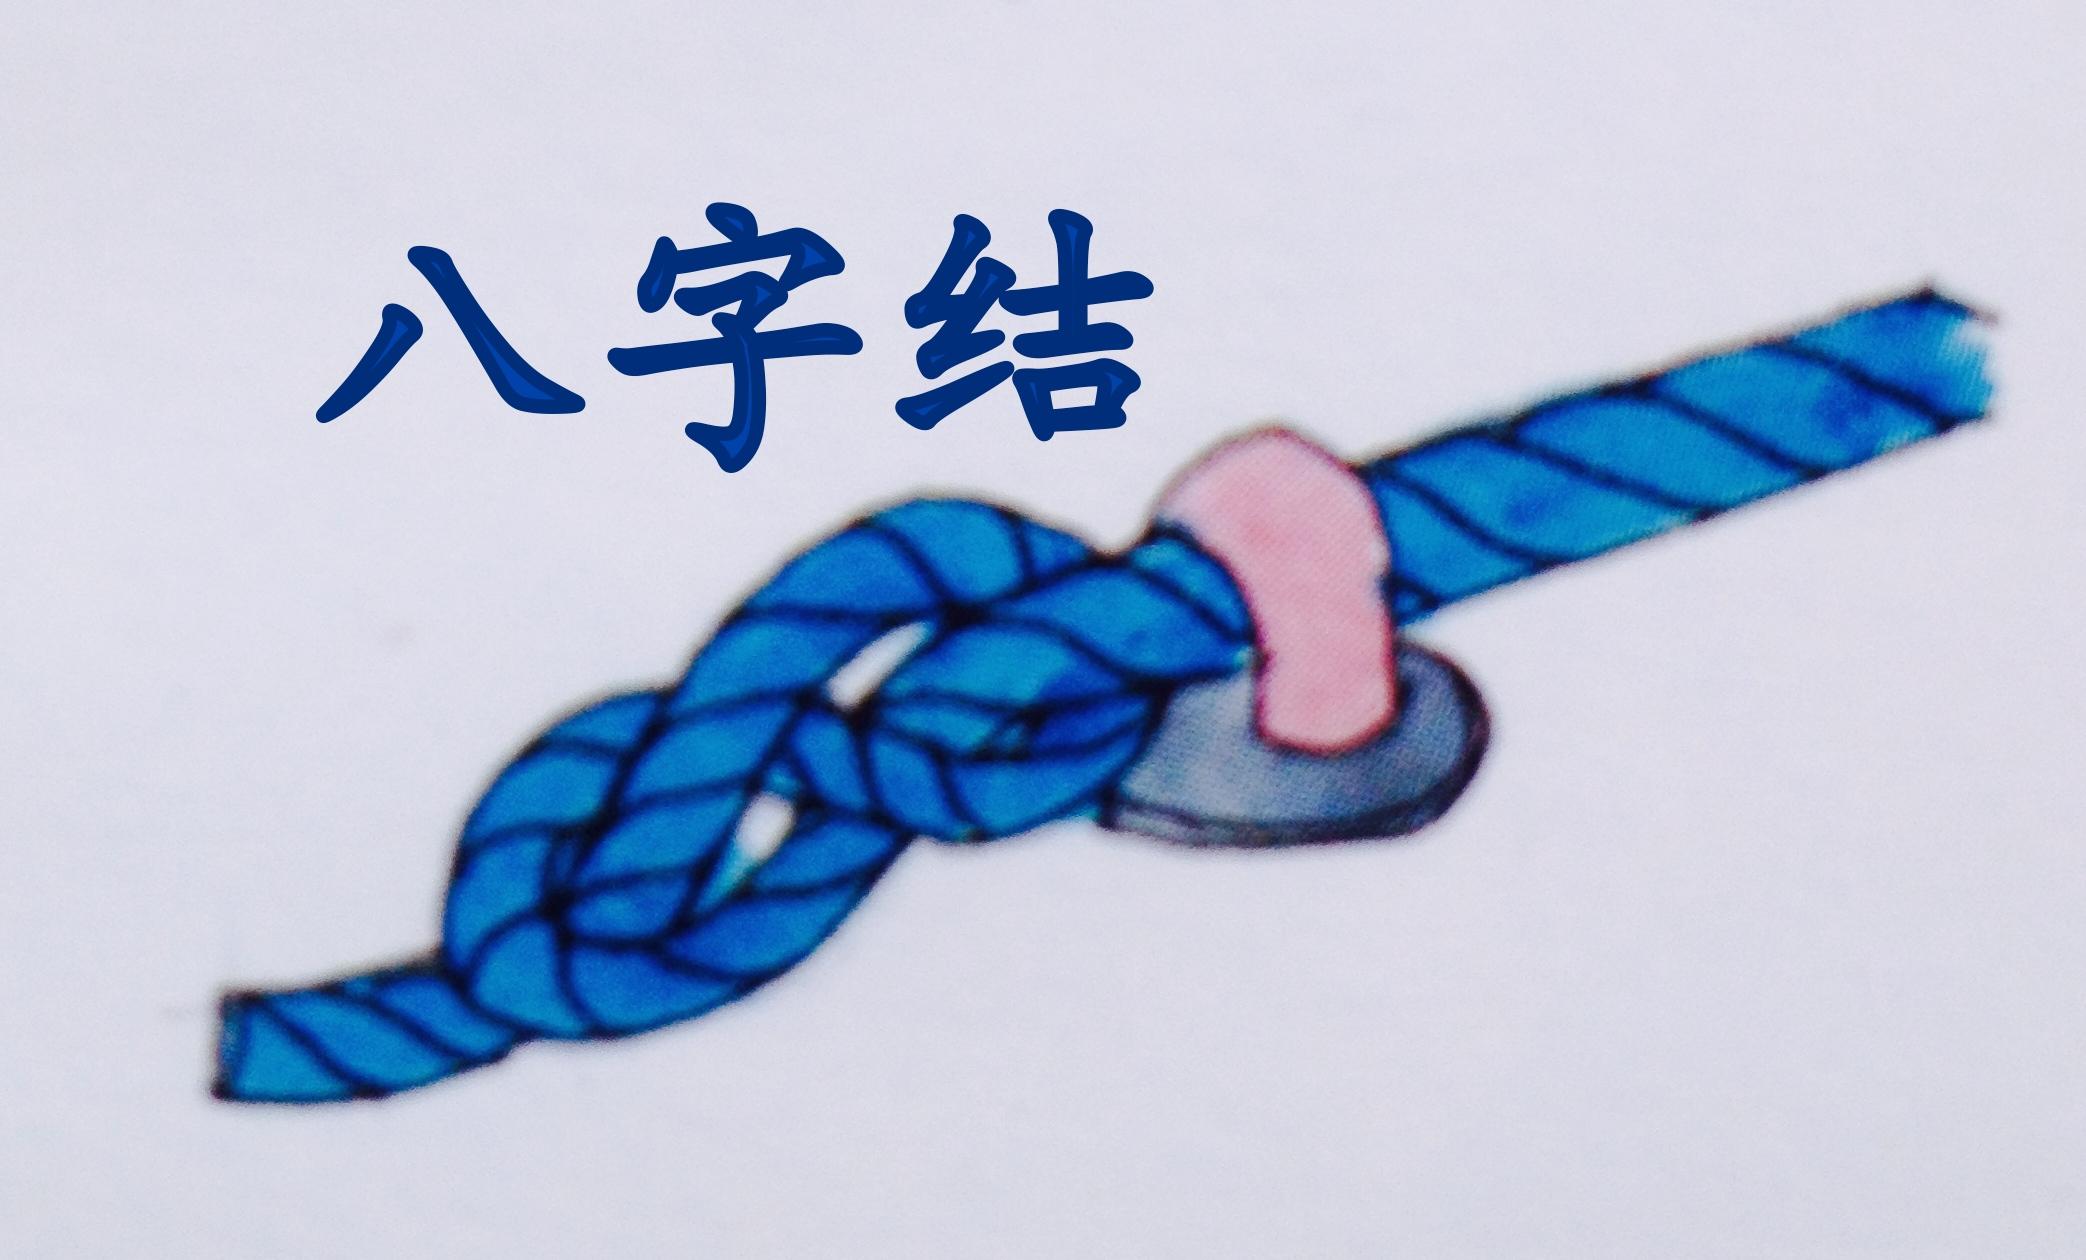 徐莉佳,帆船,绳结打法 三个驾驶帆船就最常用的绳结打法与用途----徐莉佳漫画 5g.jpg